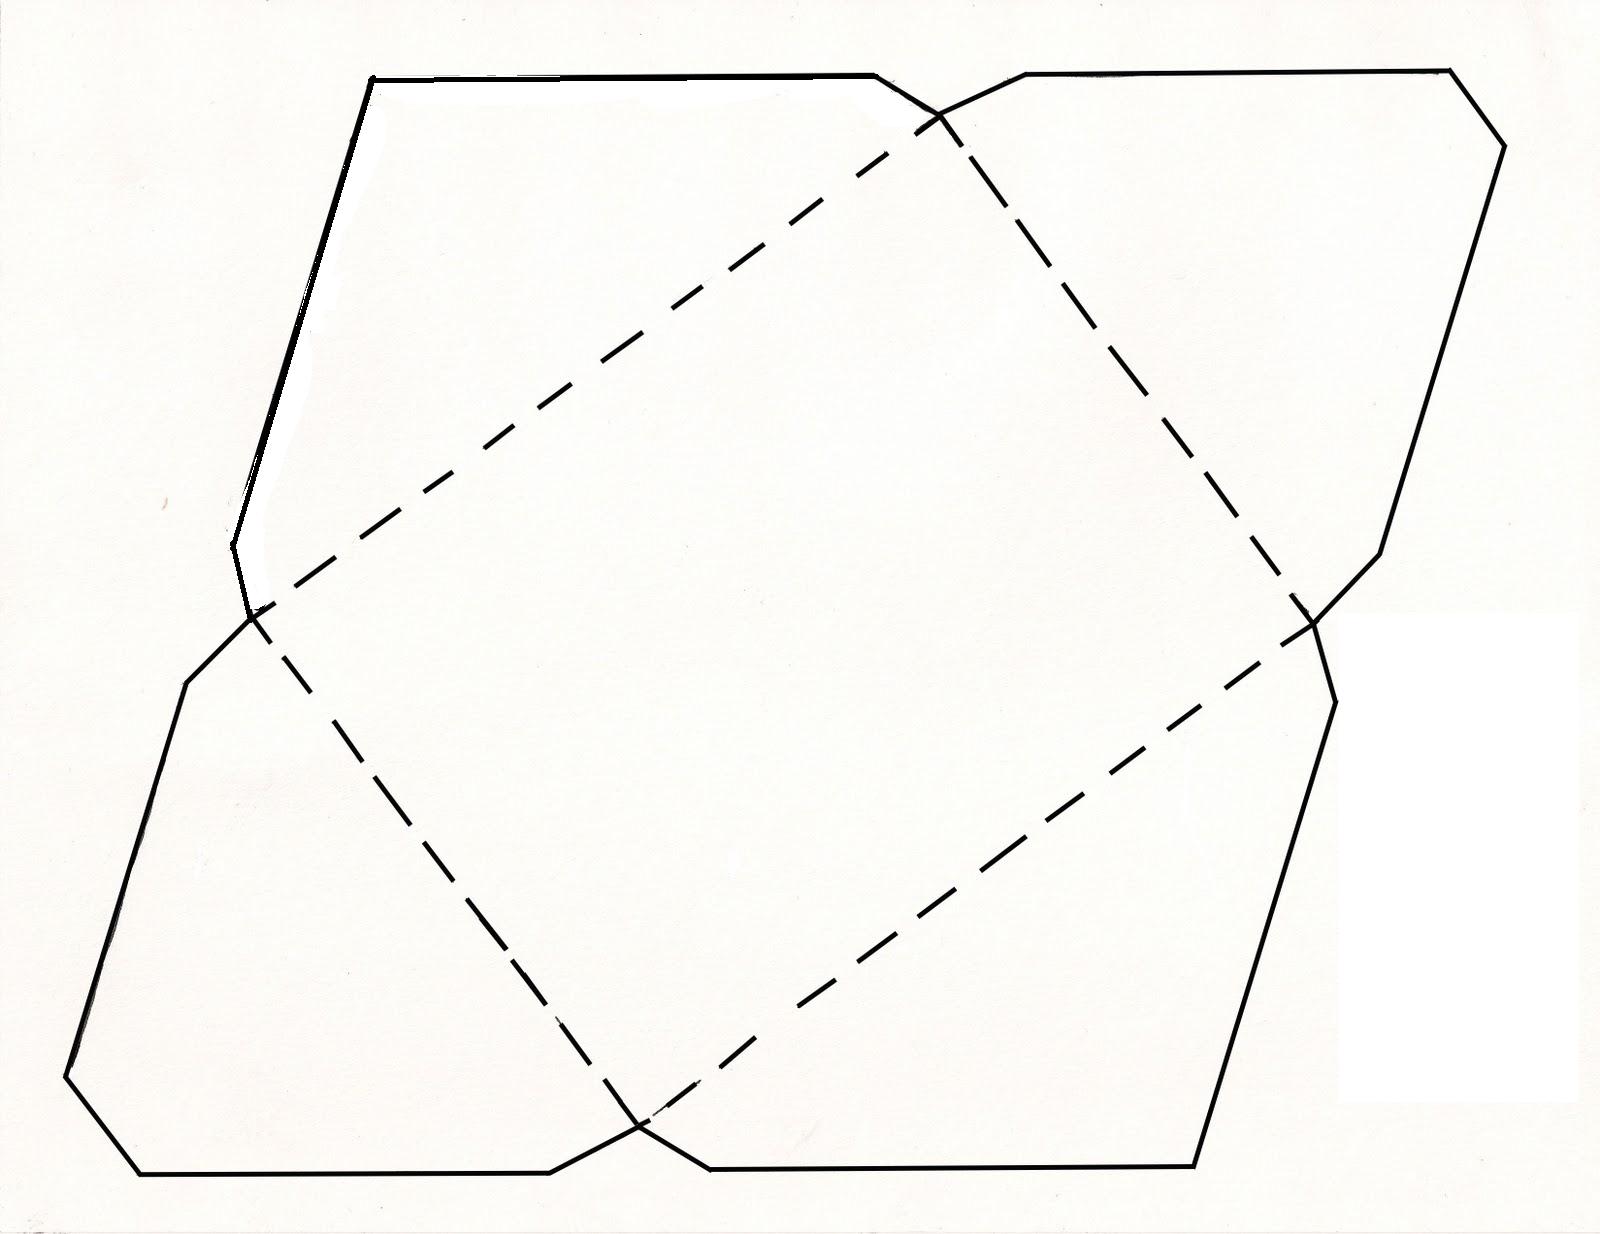 Шаблон конверта своими руками из а4 39